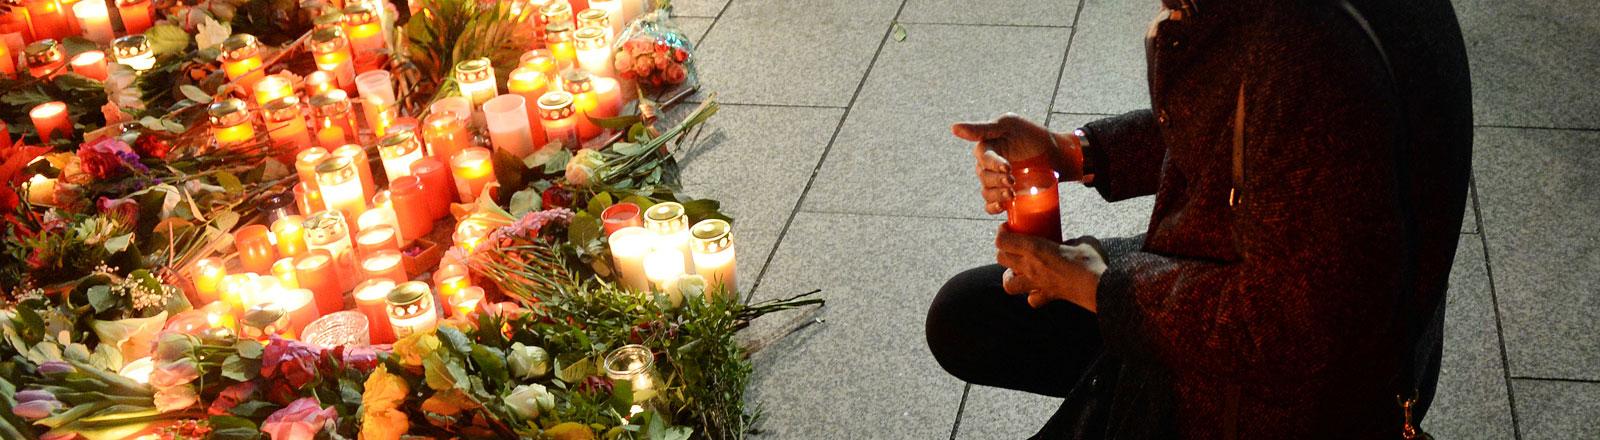 Kerzen vor der Gedächtniskirche nach dem Anschlag auf den Berliner Weihnachtsmarkt